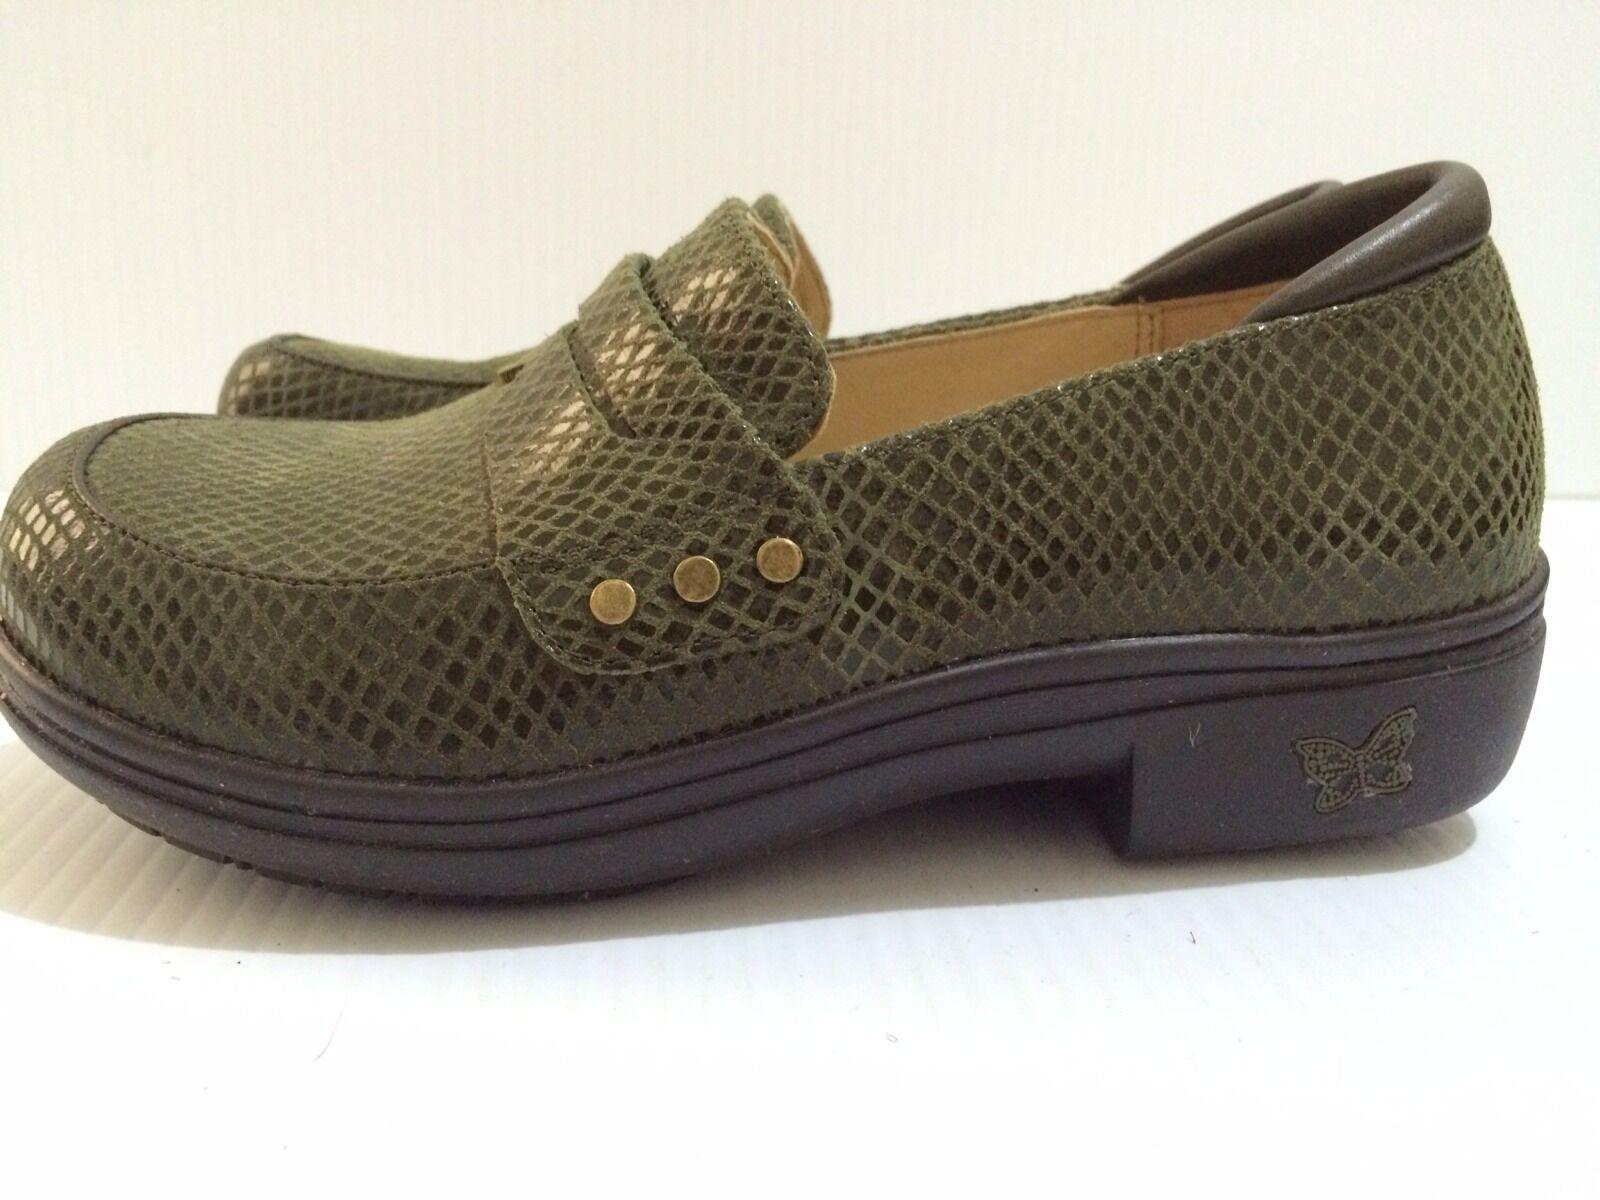 Alegria Taylor Olive Glossy Snake Leder Schuhes Größe 5 - 5.5 Euro 35